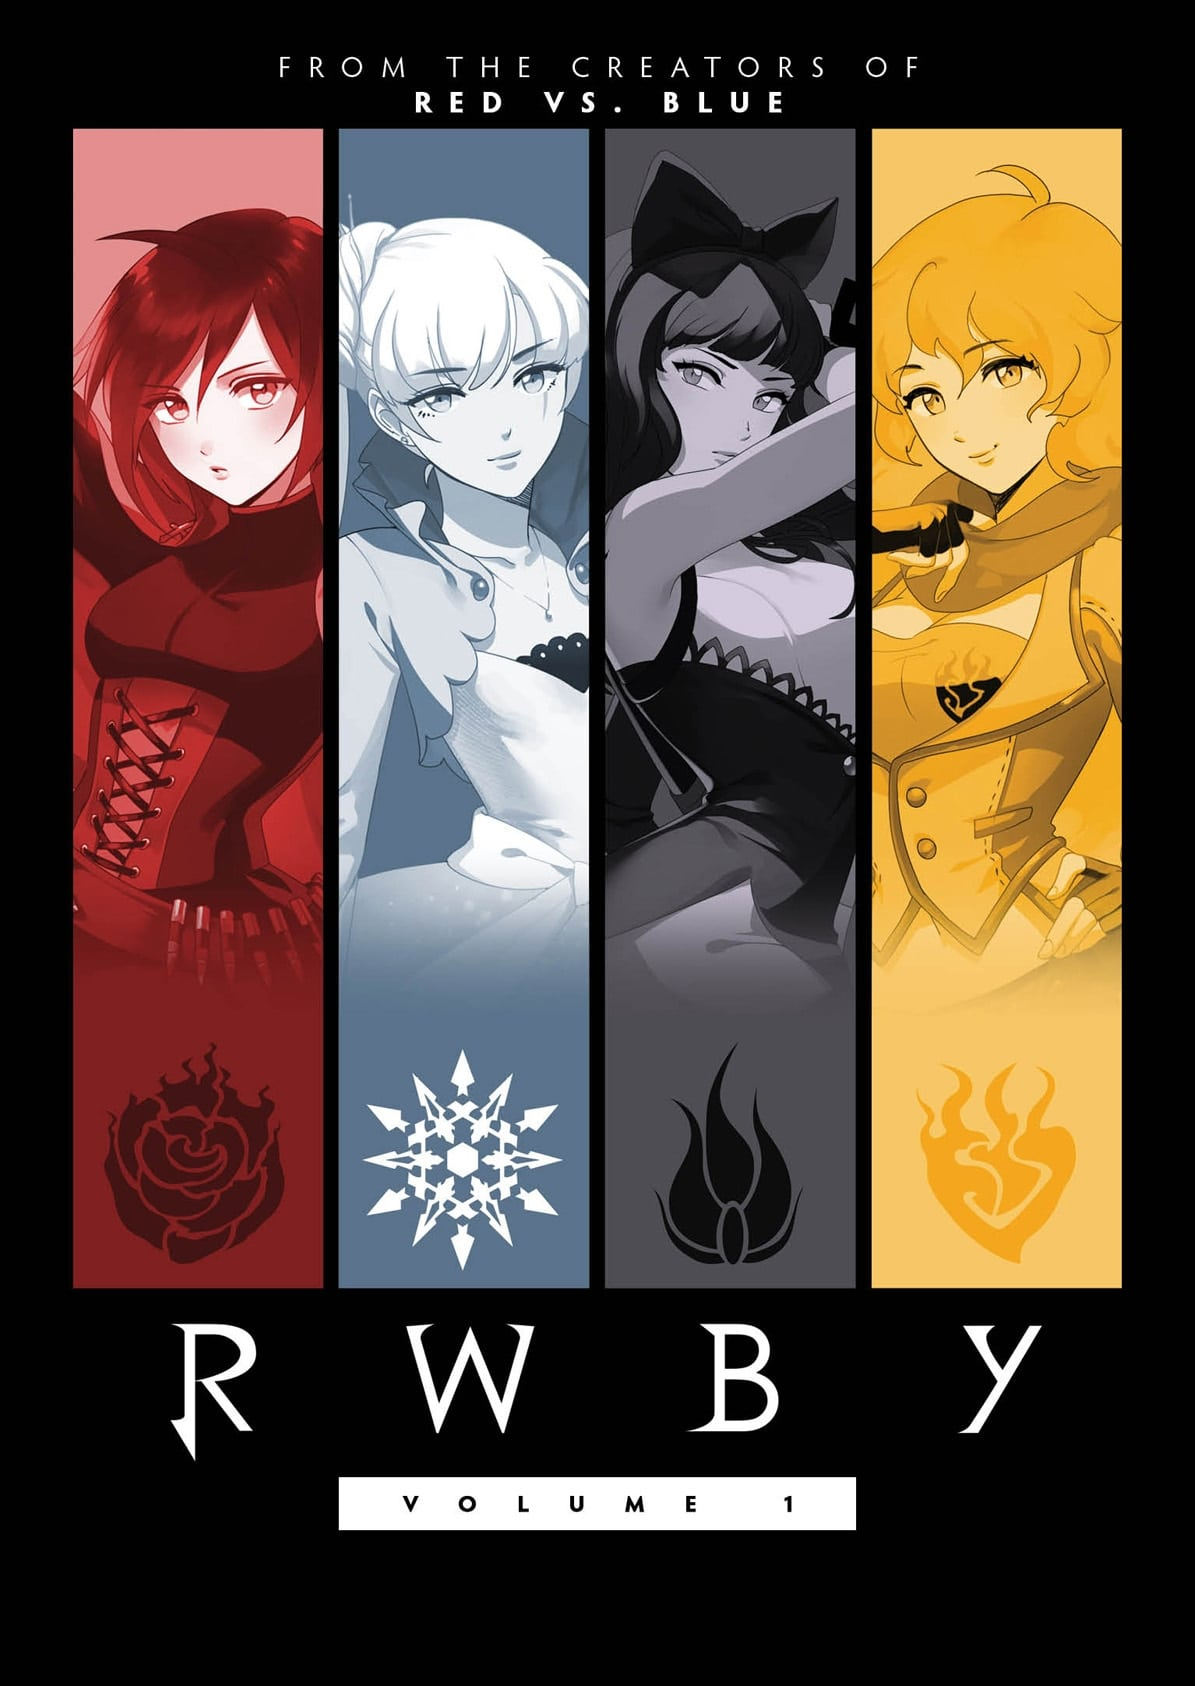 RWBY: Volume 1 (2013)